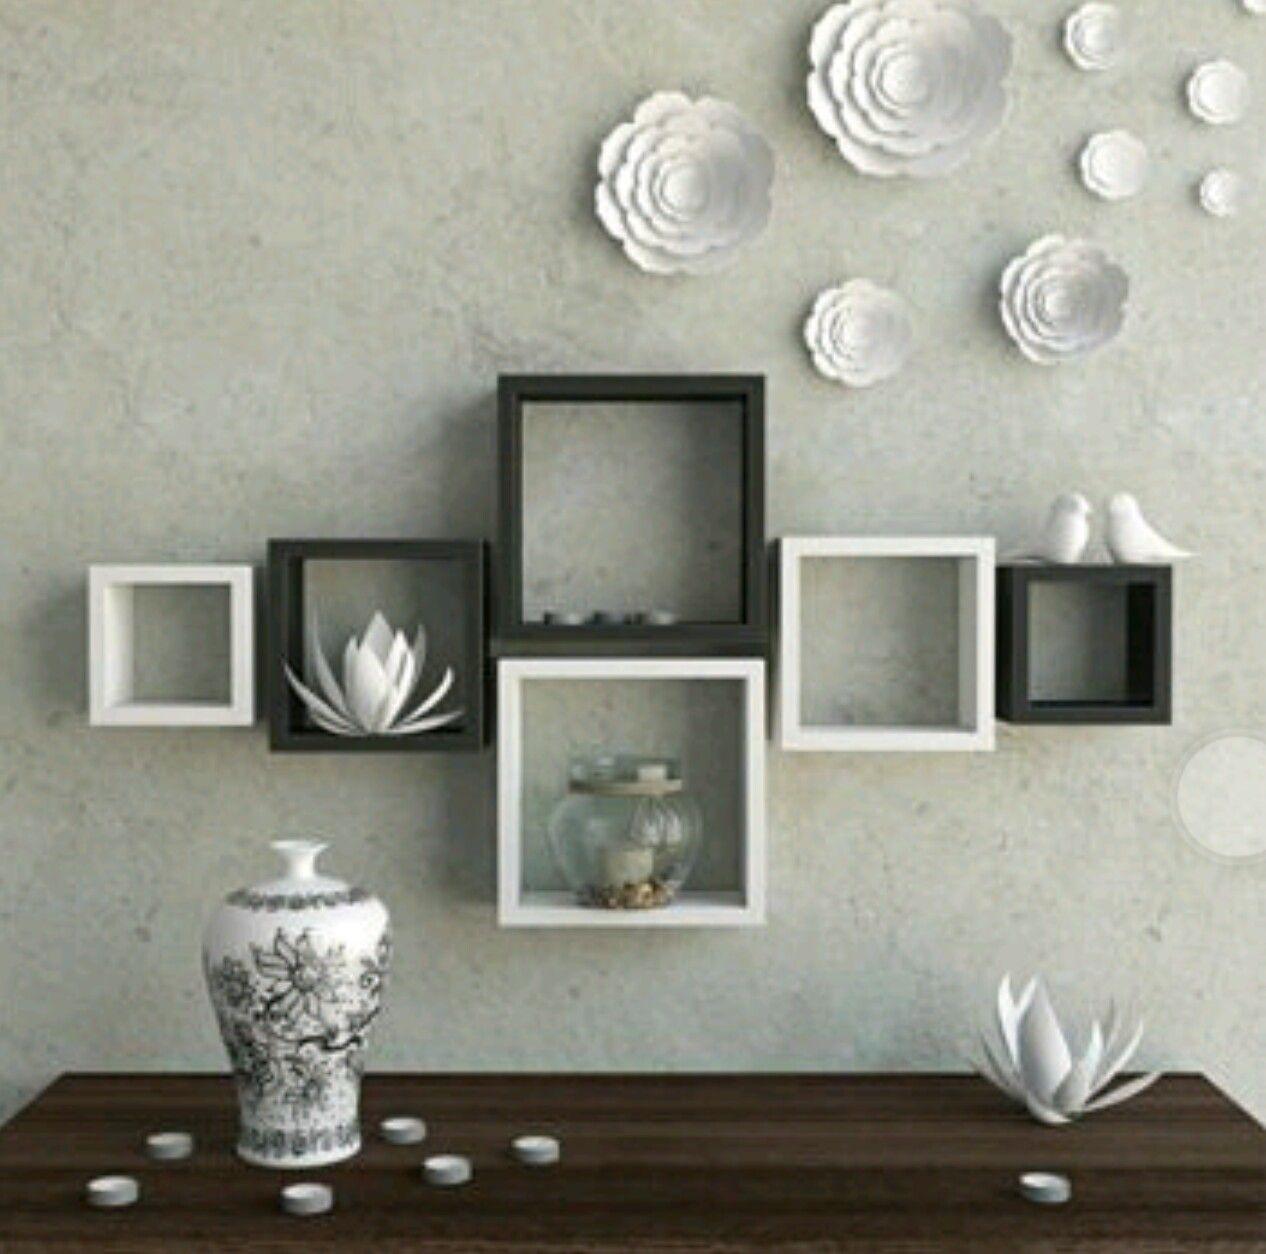 Pin By Roshua On Shelfs Wall Shelves Design Floating Shelves Living Room Room Decor #wall #mounted #shelves #living #room